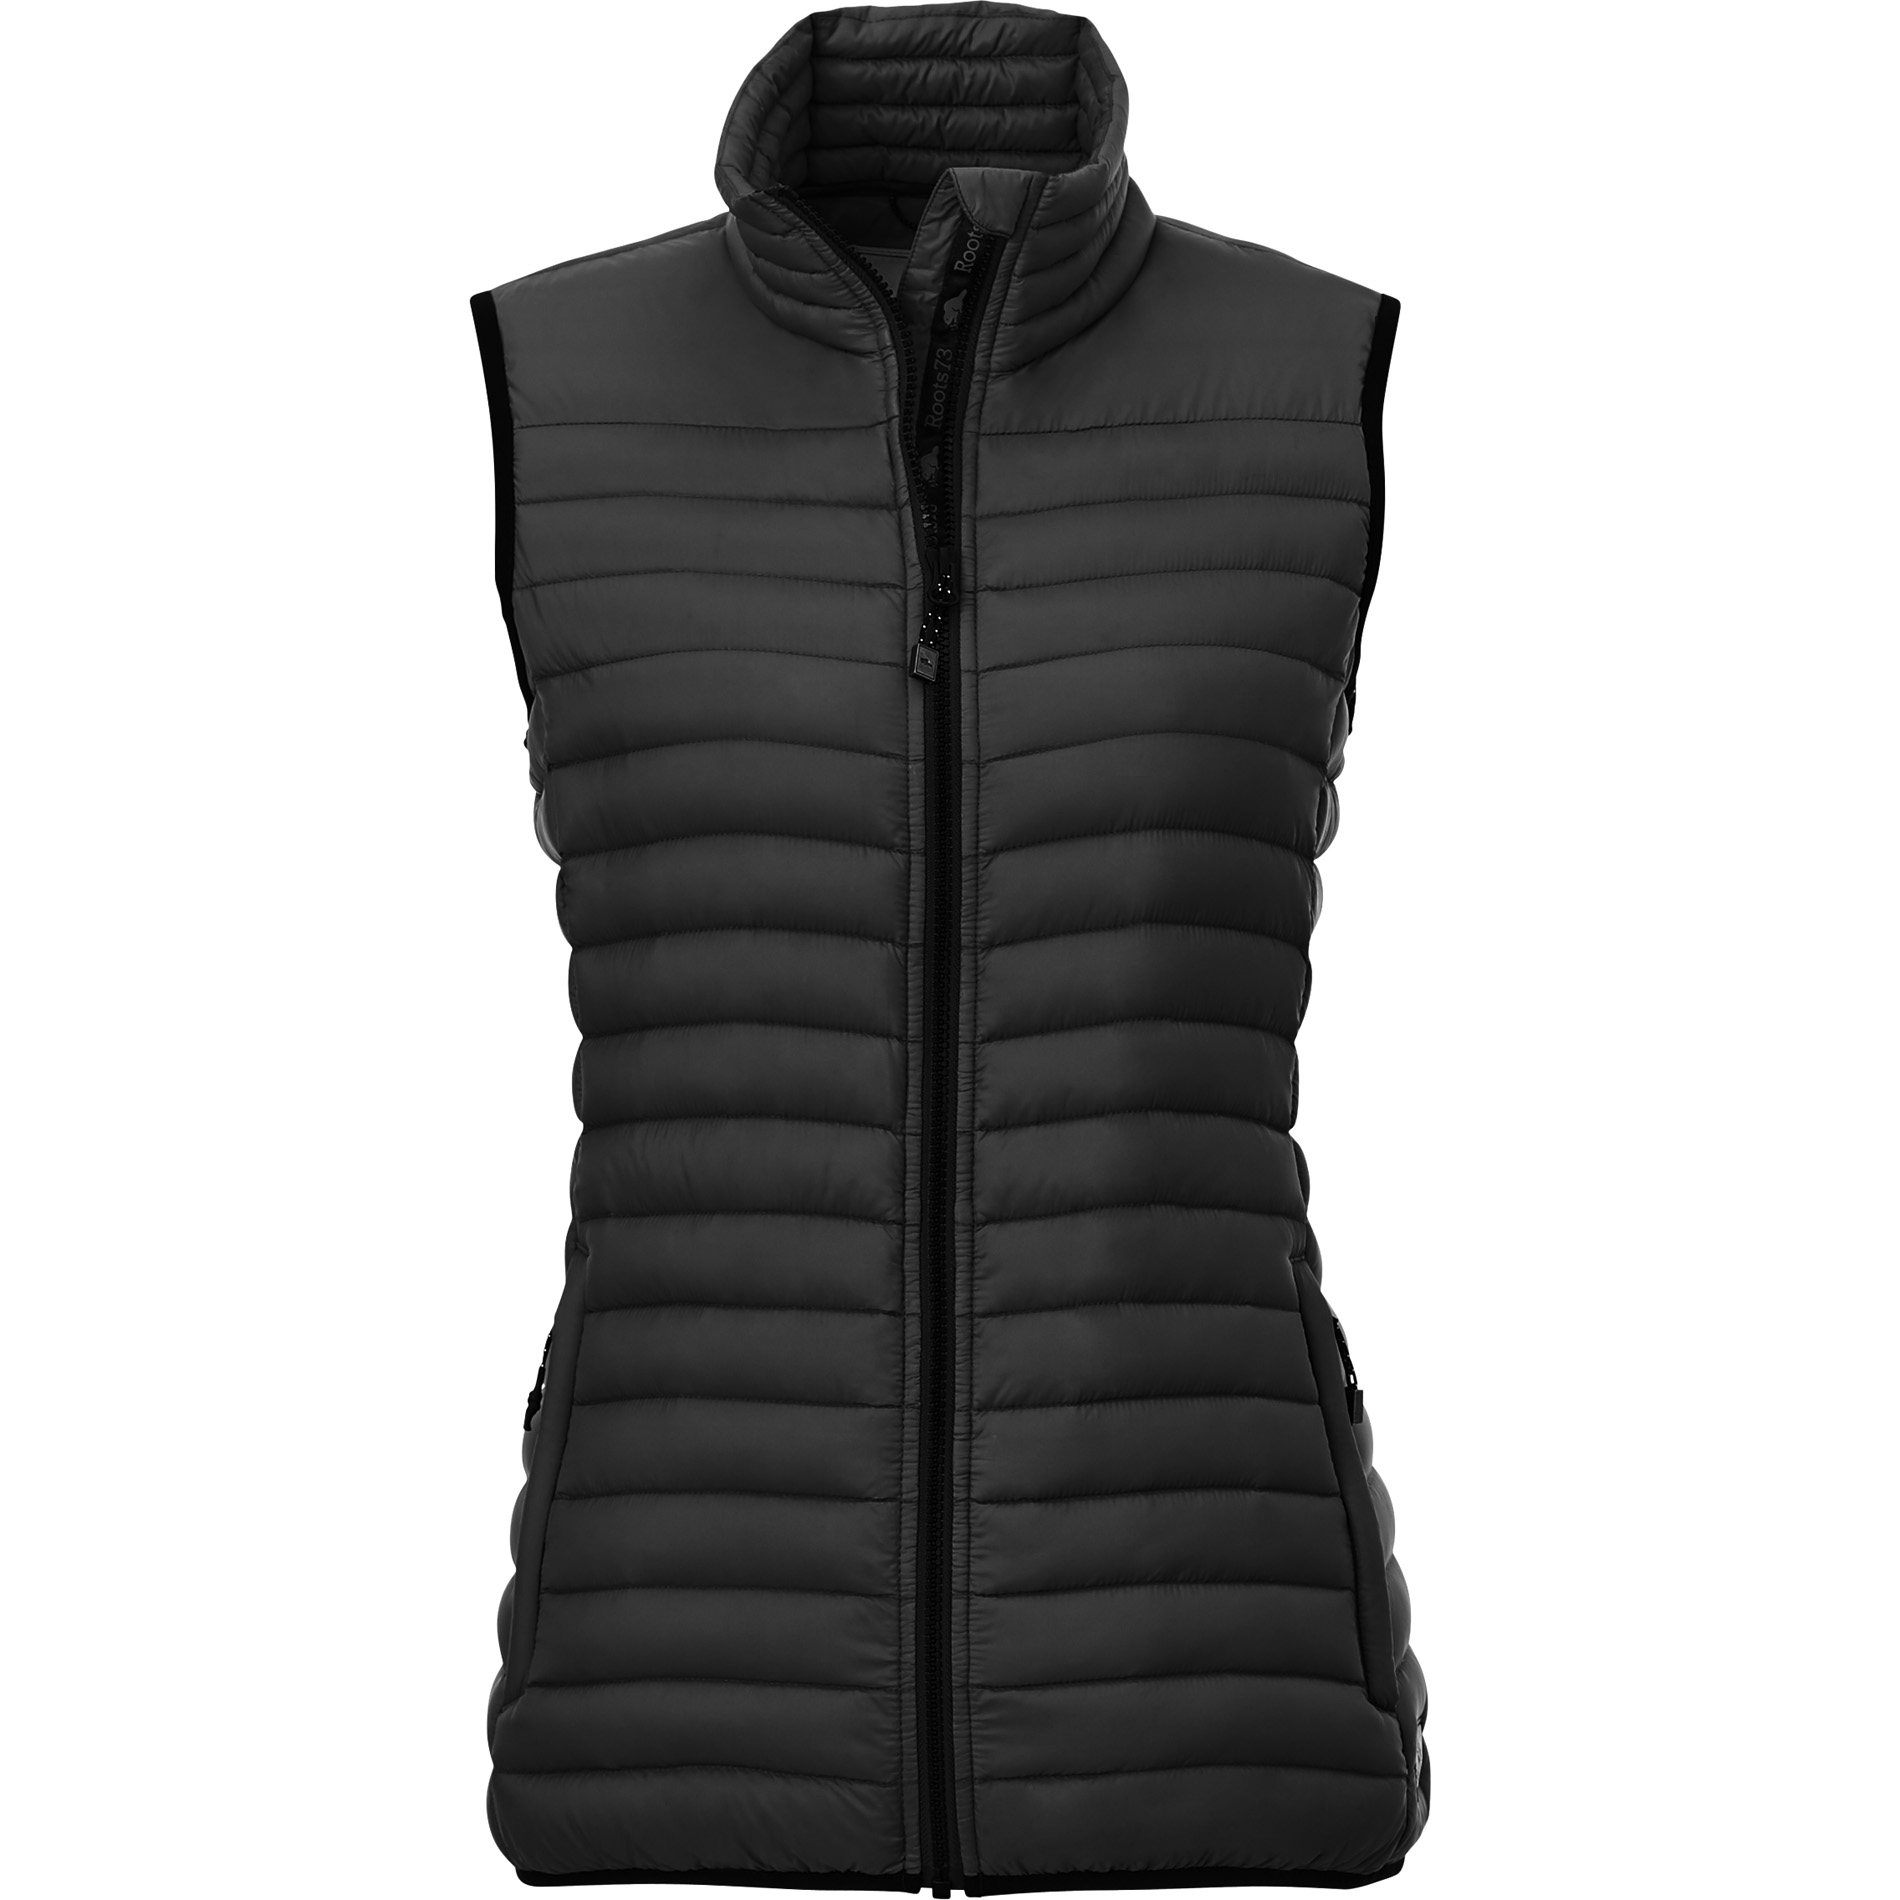 Roots73 TM99557 - Women's EAGLECOVE Down Vest